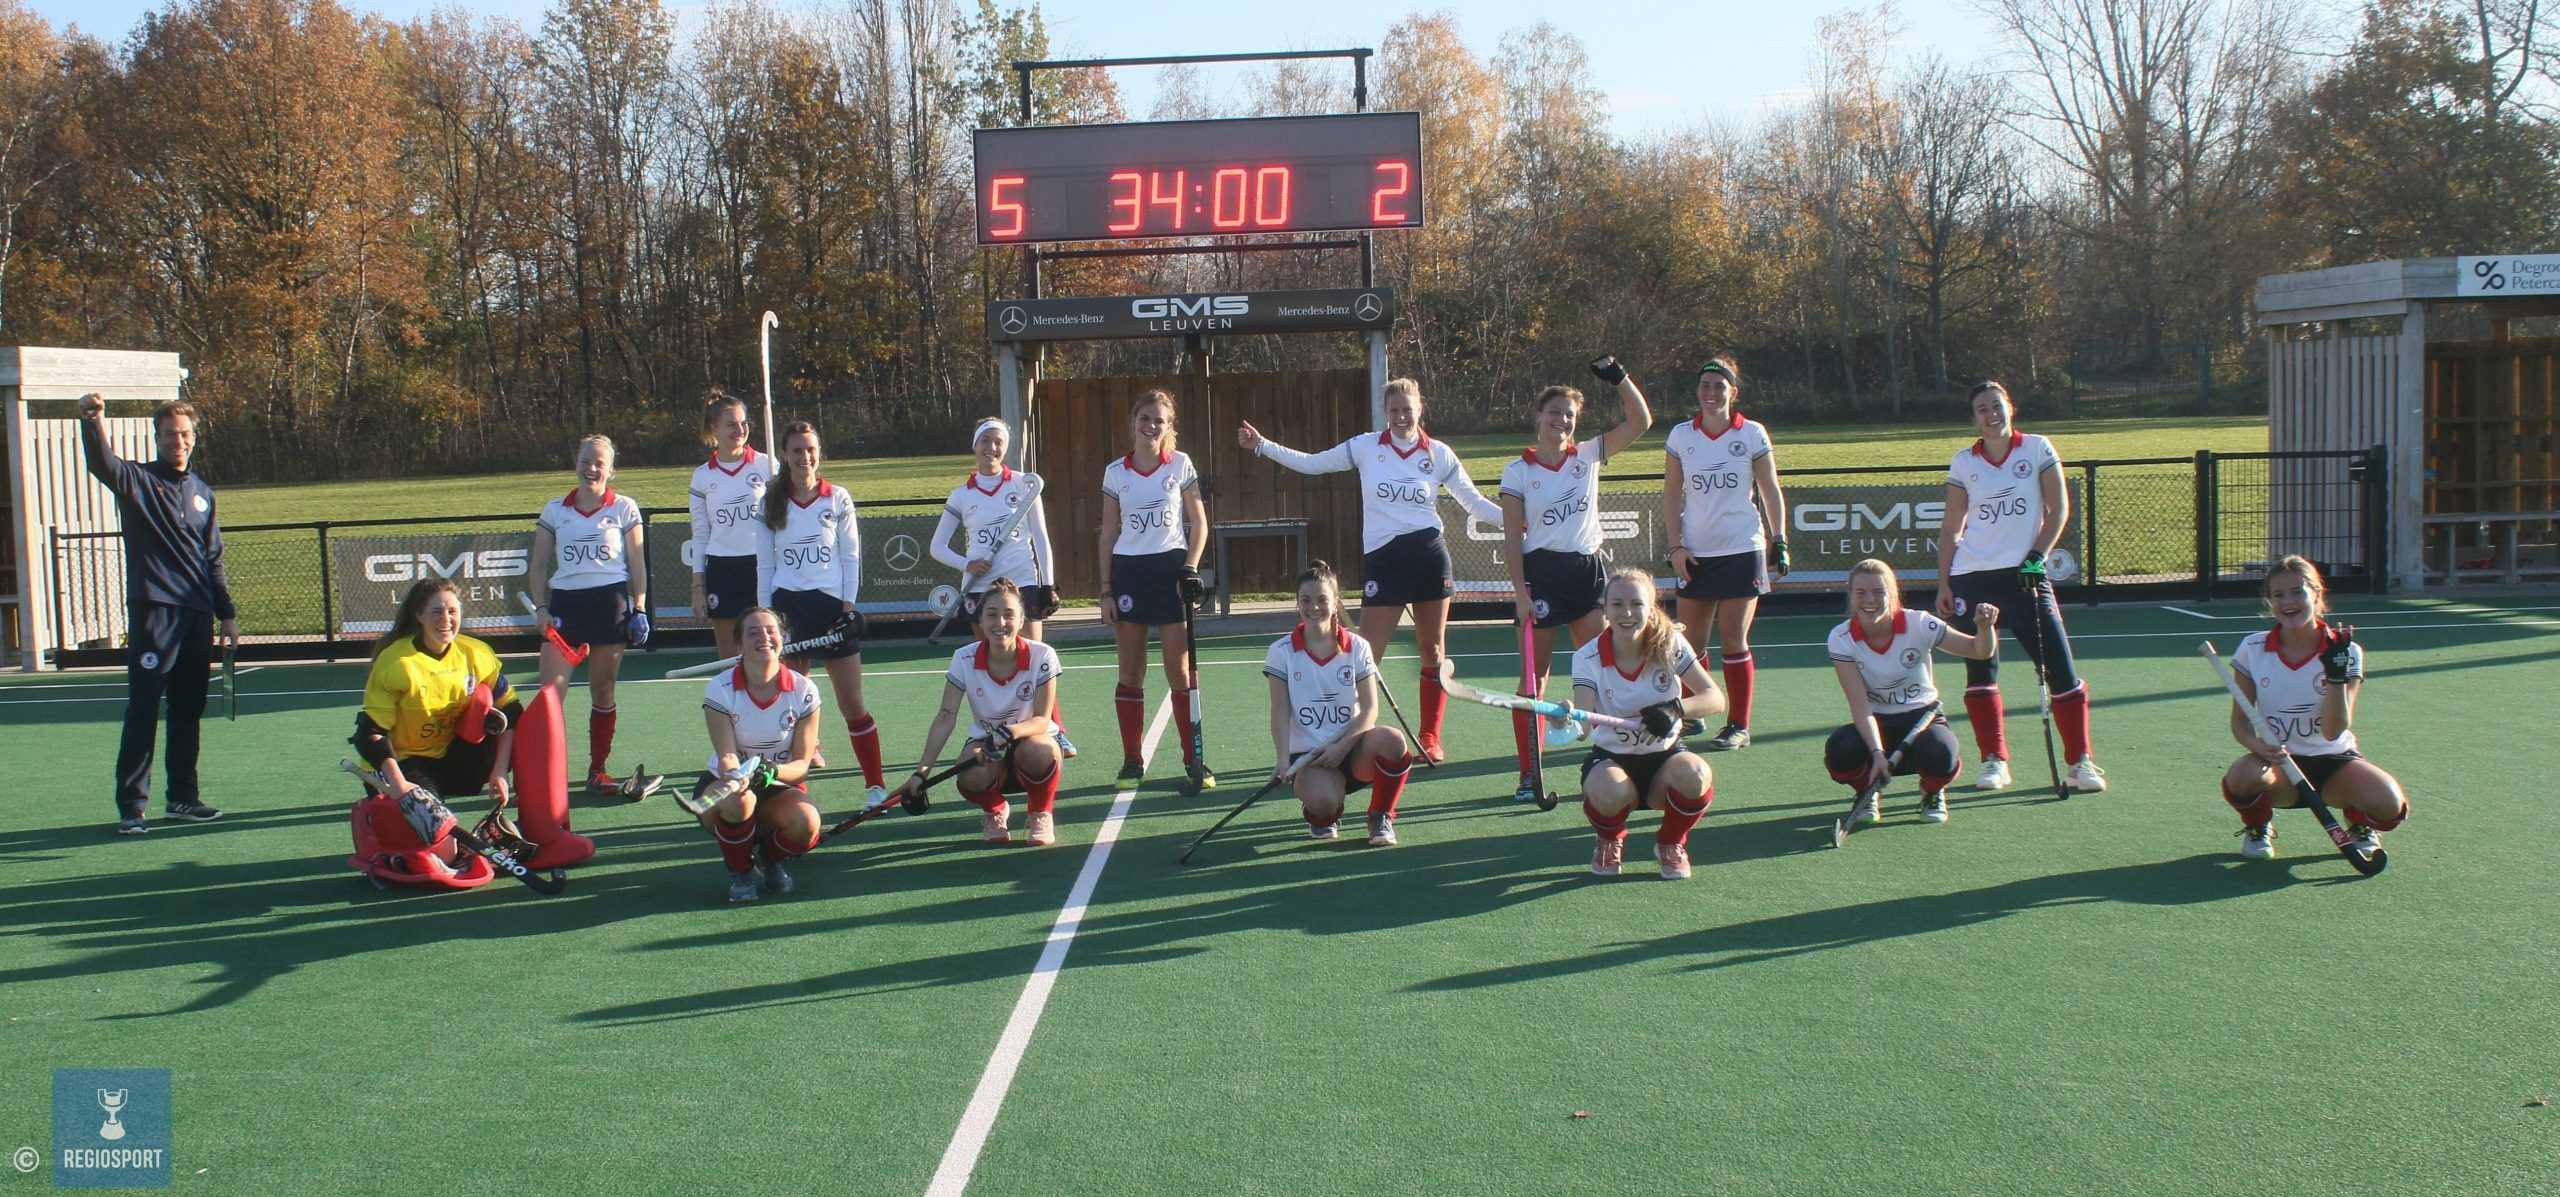 De Leuvense hockeyclub start het tweede competitiegedeelte met ambitie